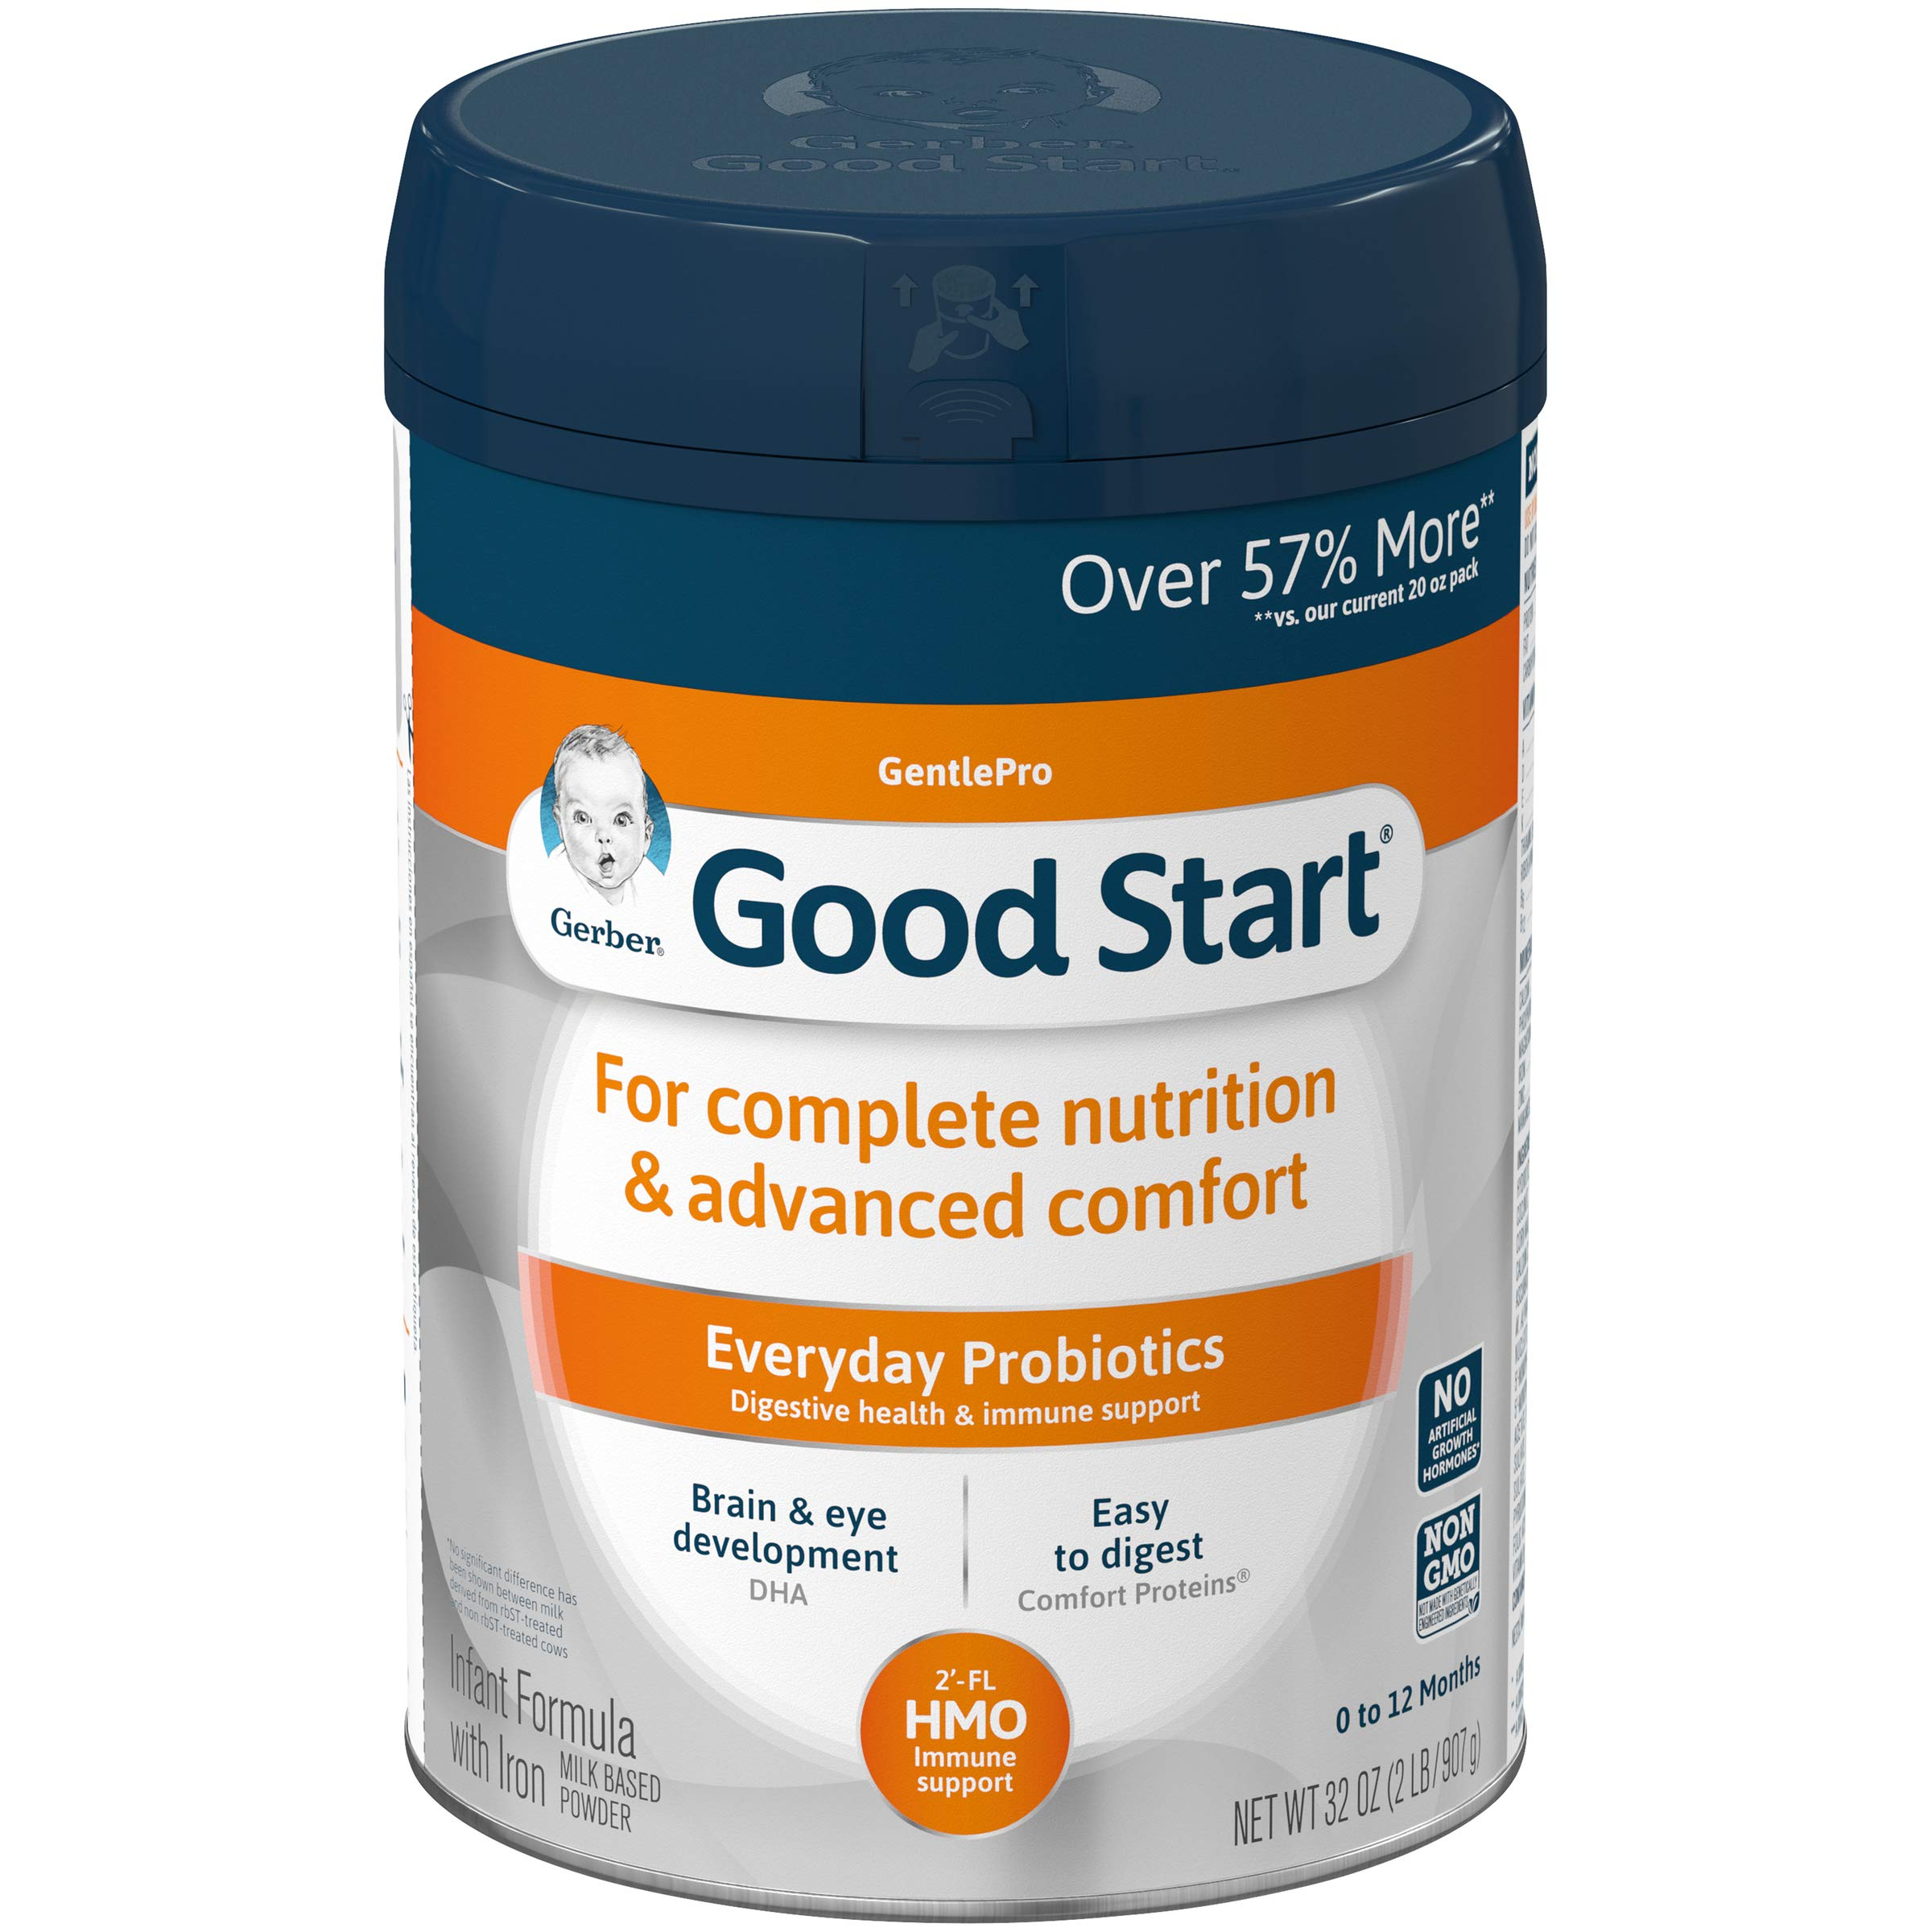 Gerber Good Start Non GMO Formula